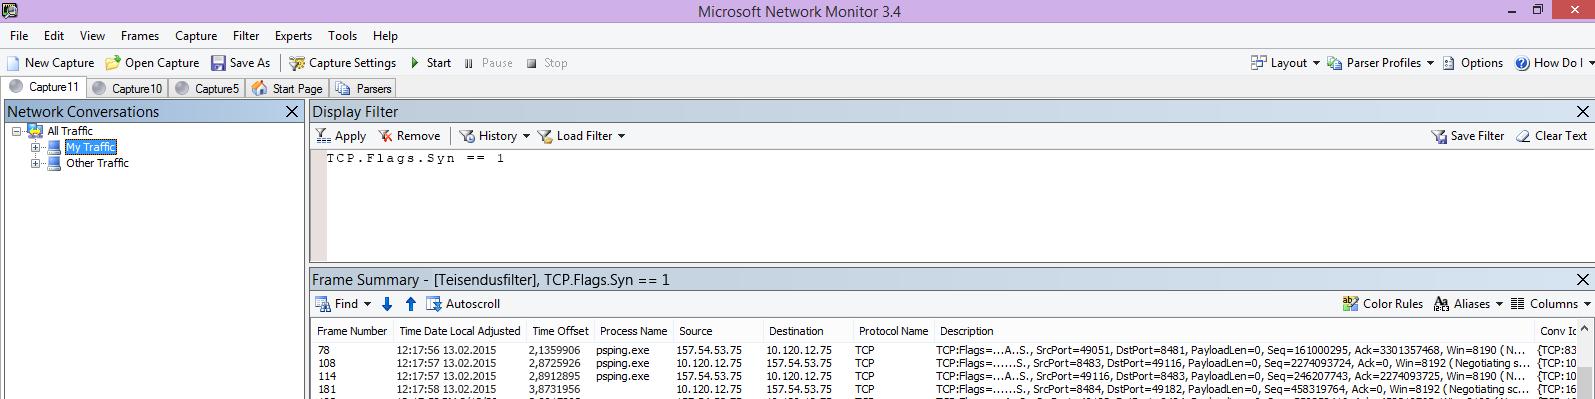 Kliendipoolne teave võrguliikluse kohta, kus on nähtaval sama PSPingi käsk läbi filtri TCP.Flags.Syn == 1.